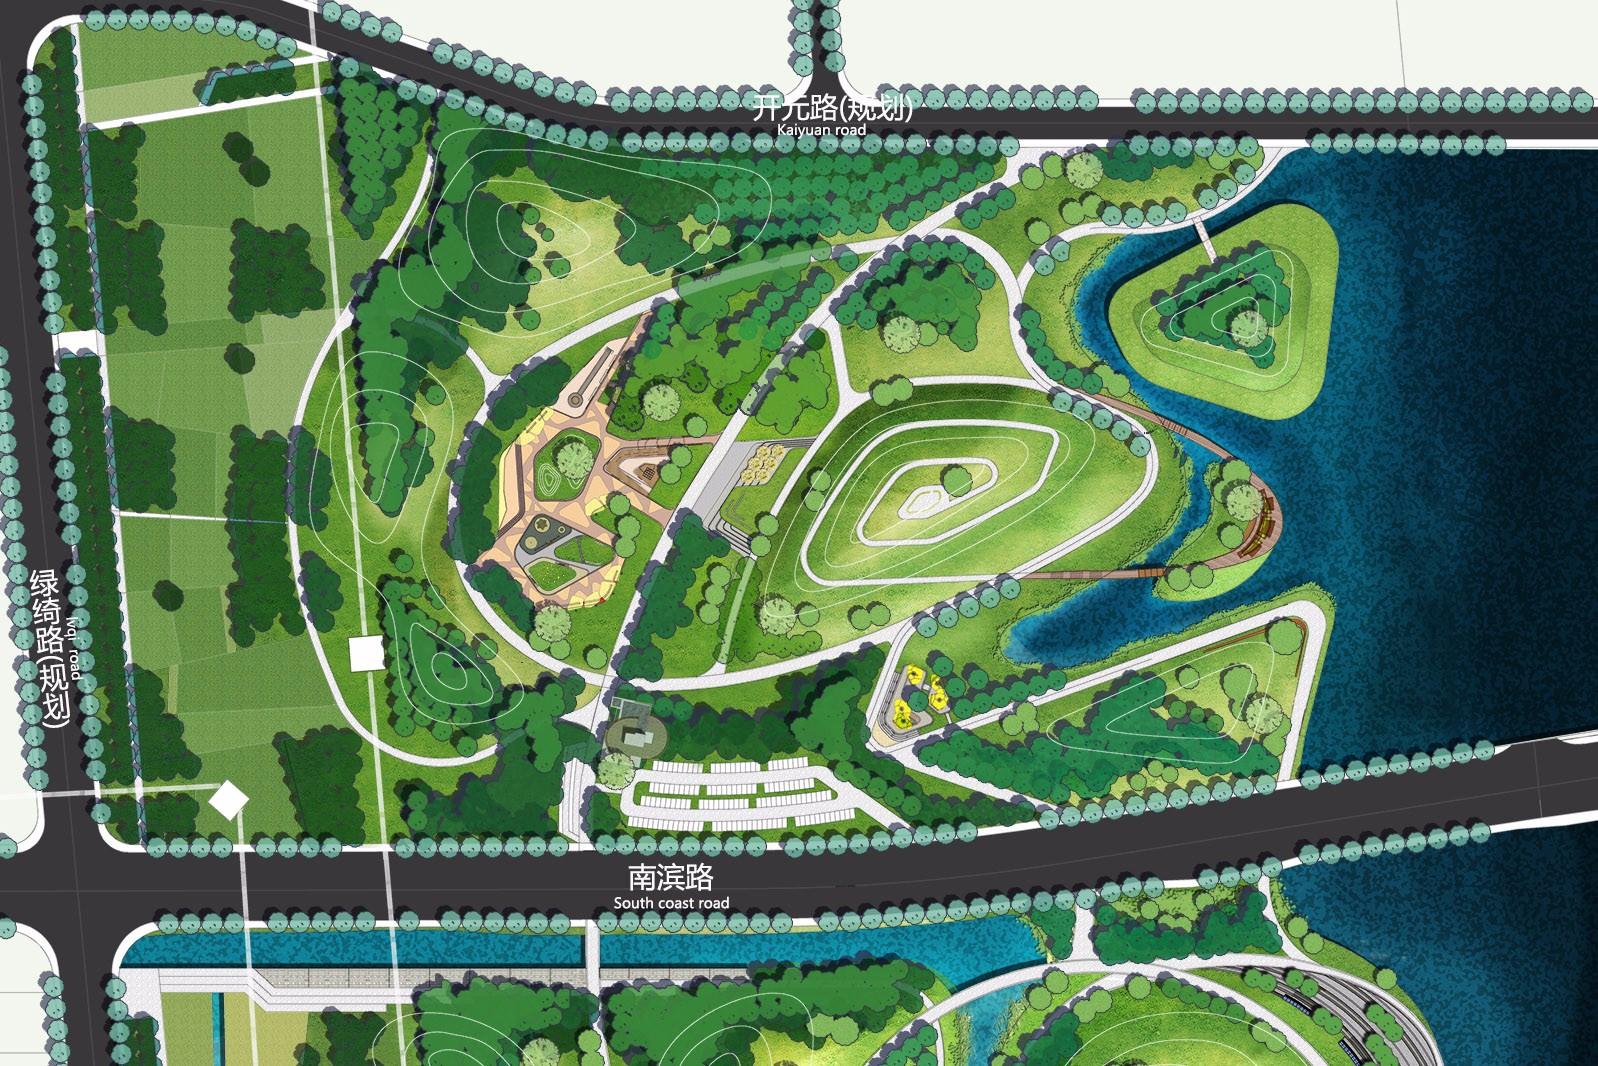 公园局部平面图_市级公园总平面图设计_市级公园总平面图设计分享展示